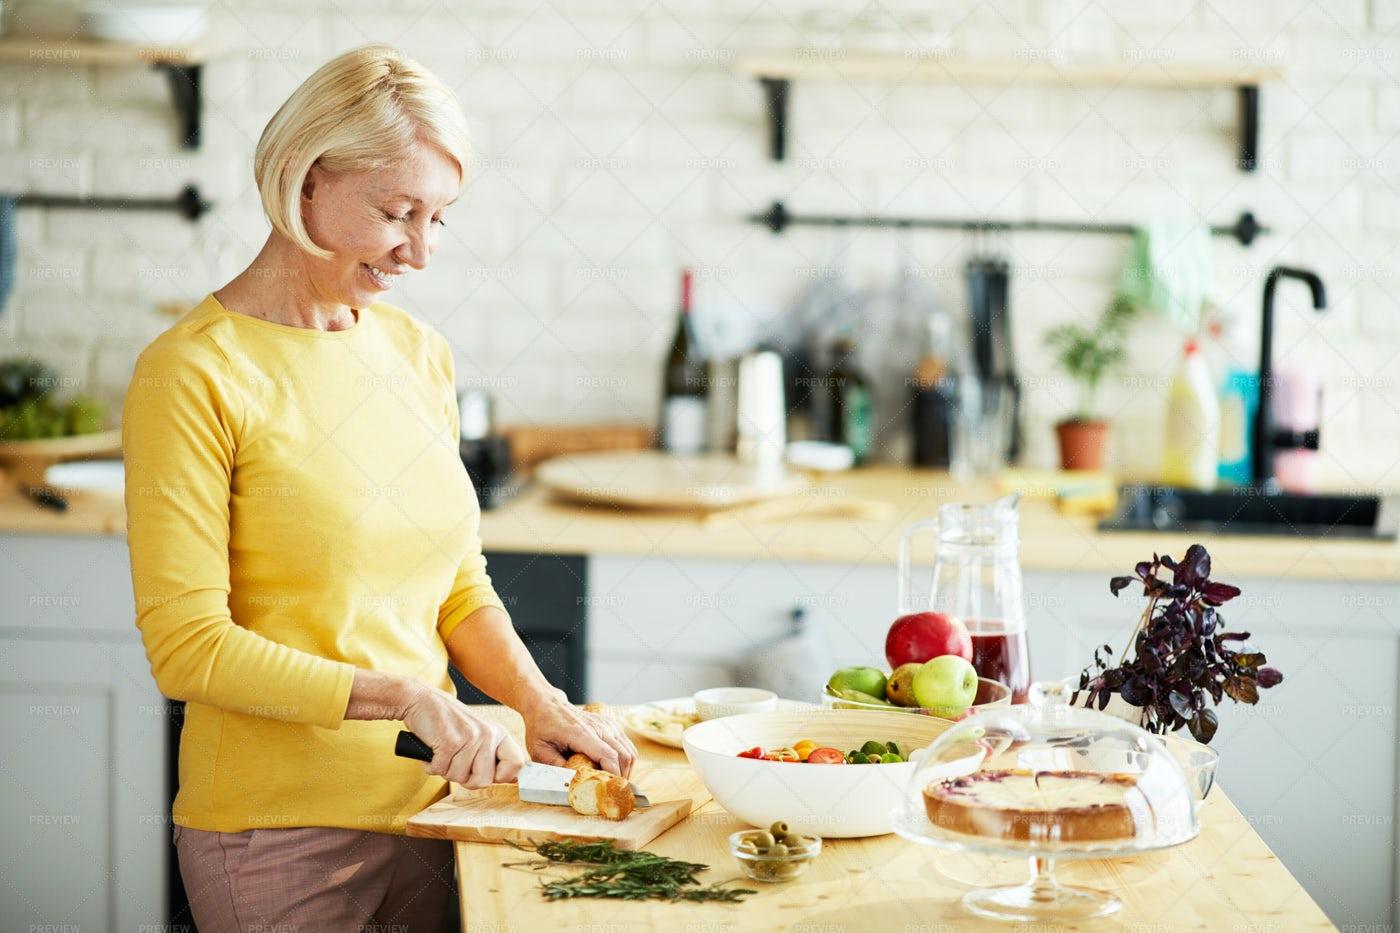 Attractive Woman Preparing Healthy...: Stock Photos